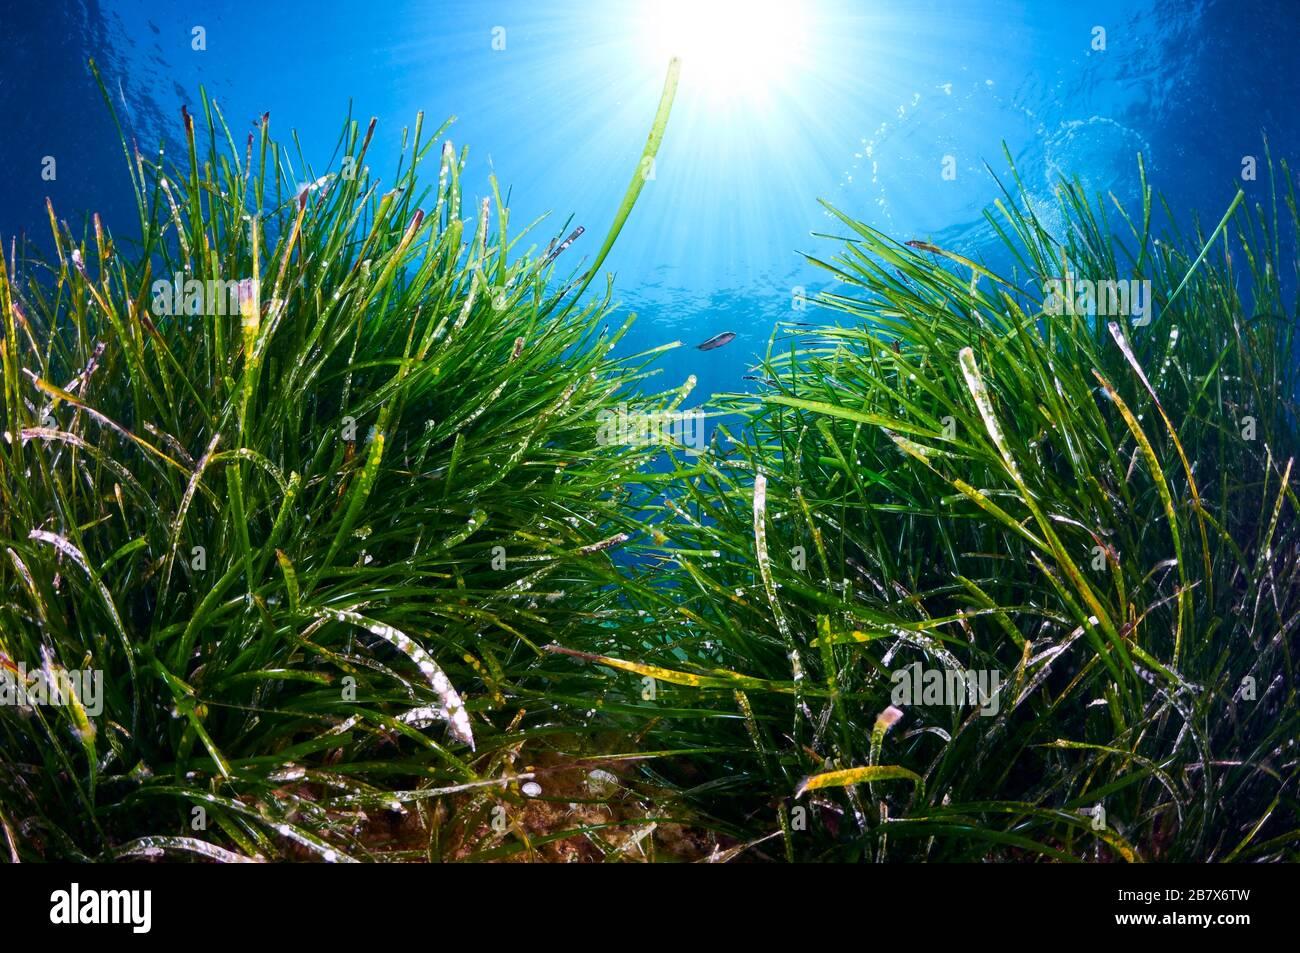 underwater-neptune-seagrass-posidonia-oc